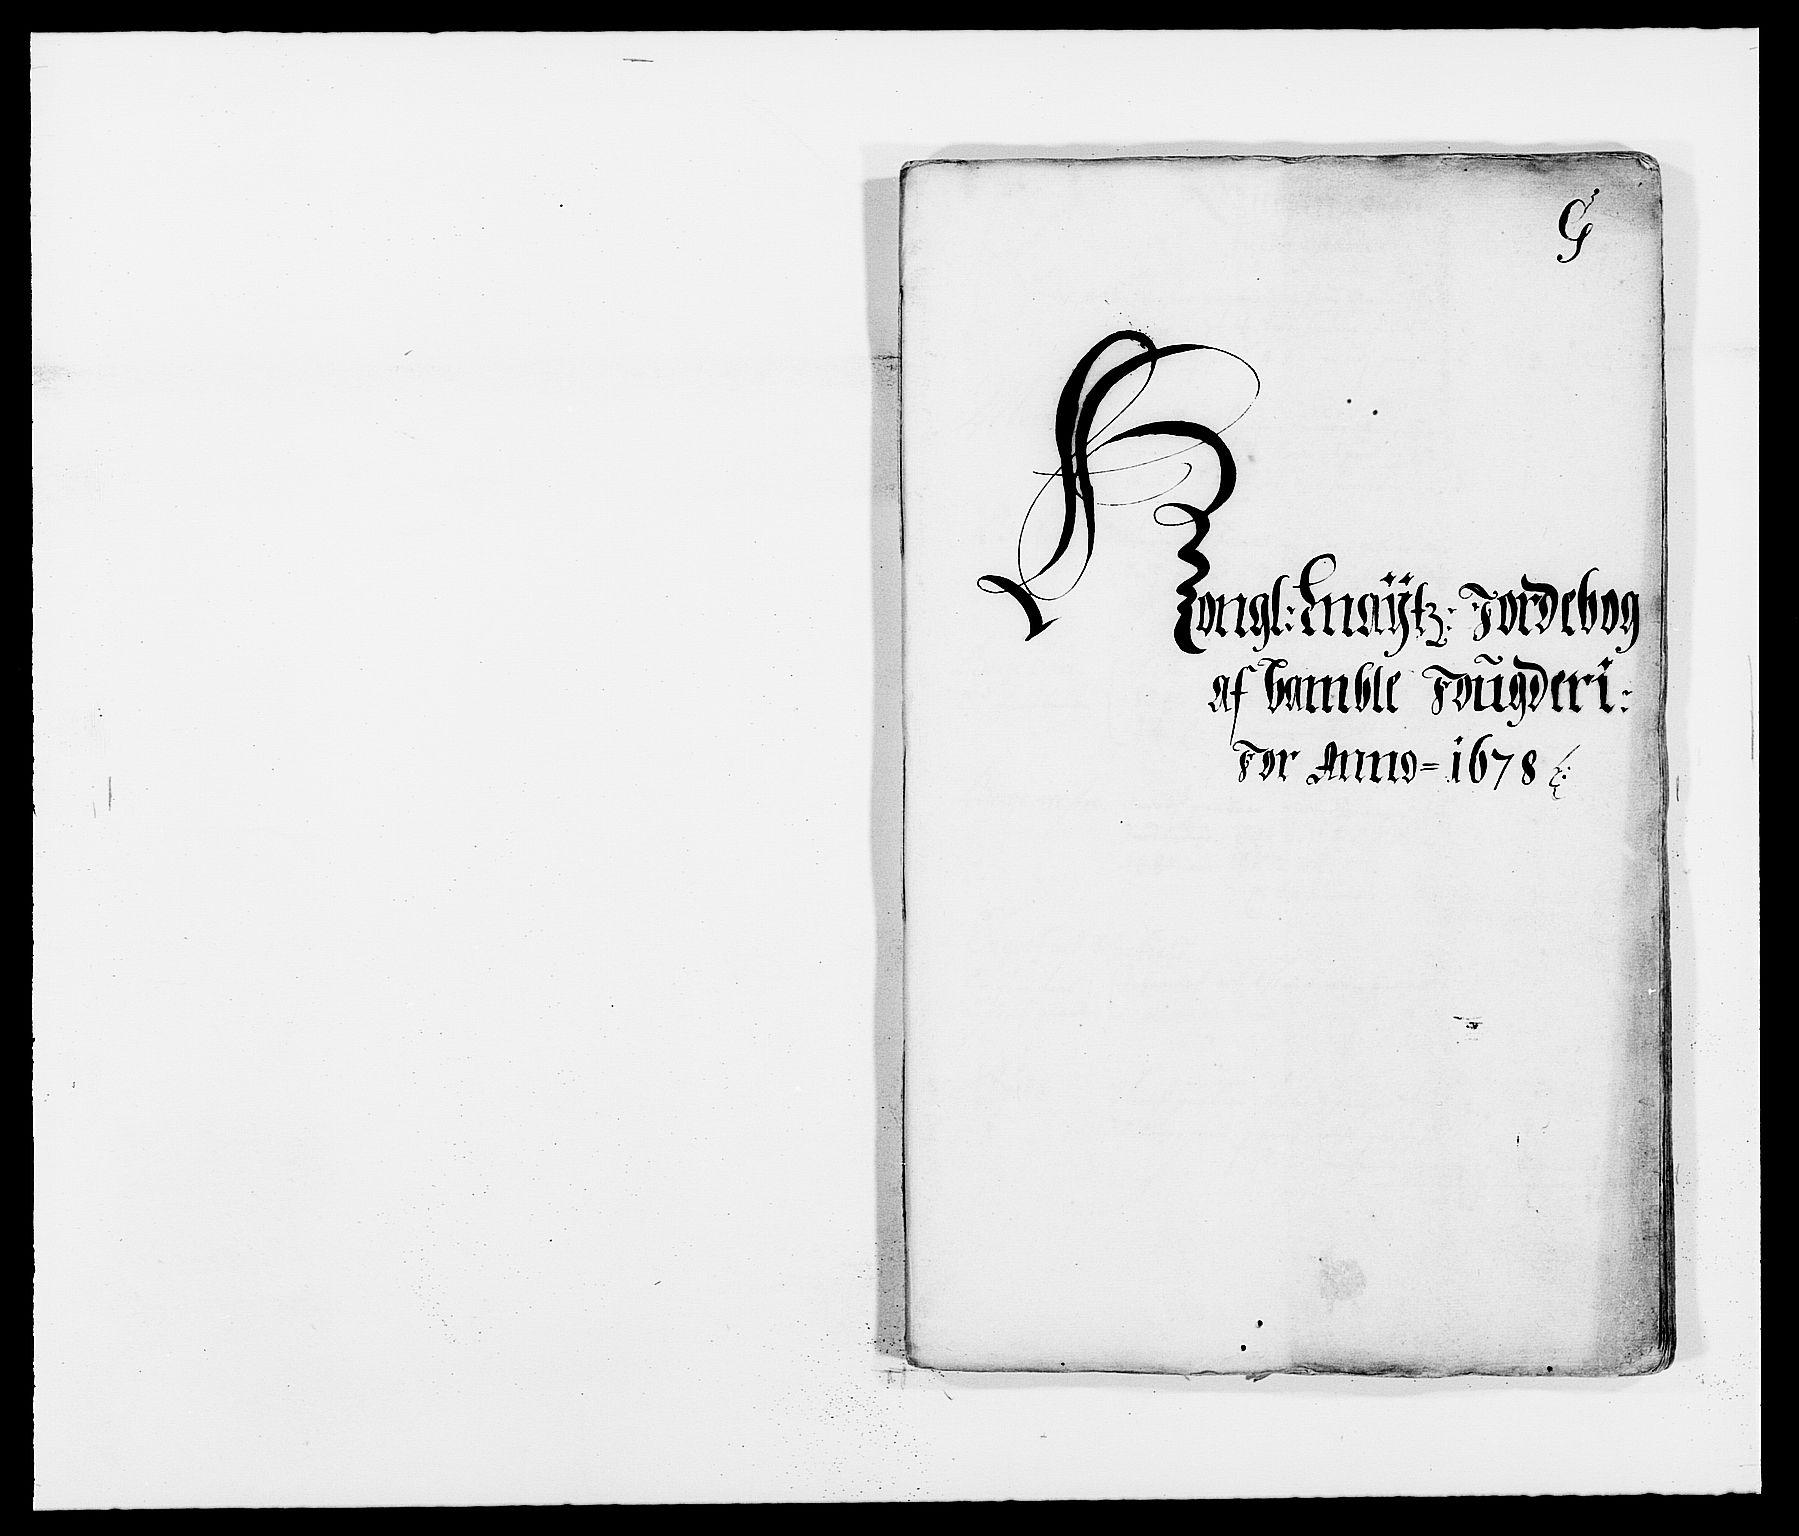 RA, Rentekammeret inntil 1814, Reviderte regnskaper, Fogderegnskap, R34/L2044: Fogderegnskap Bamble, 1678-1679, s. 167